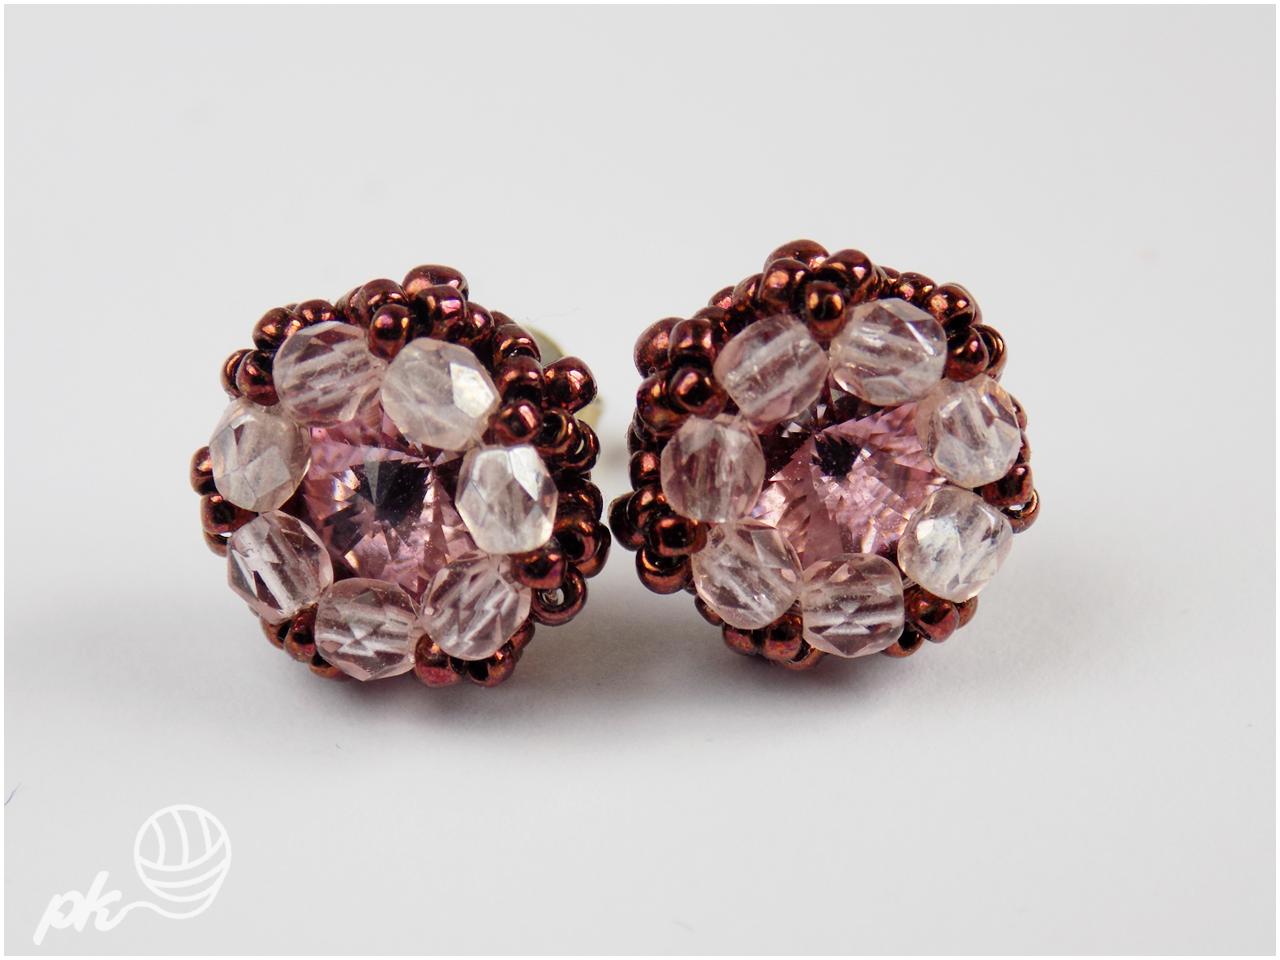 rivoli, kolczyki, beading, handmade, rękodzieło, biżuteria, swarovski, koraliki toho, szklane perły, koraliki fire polish